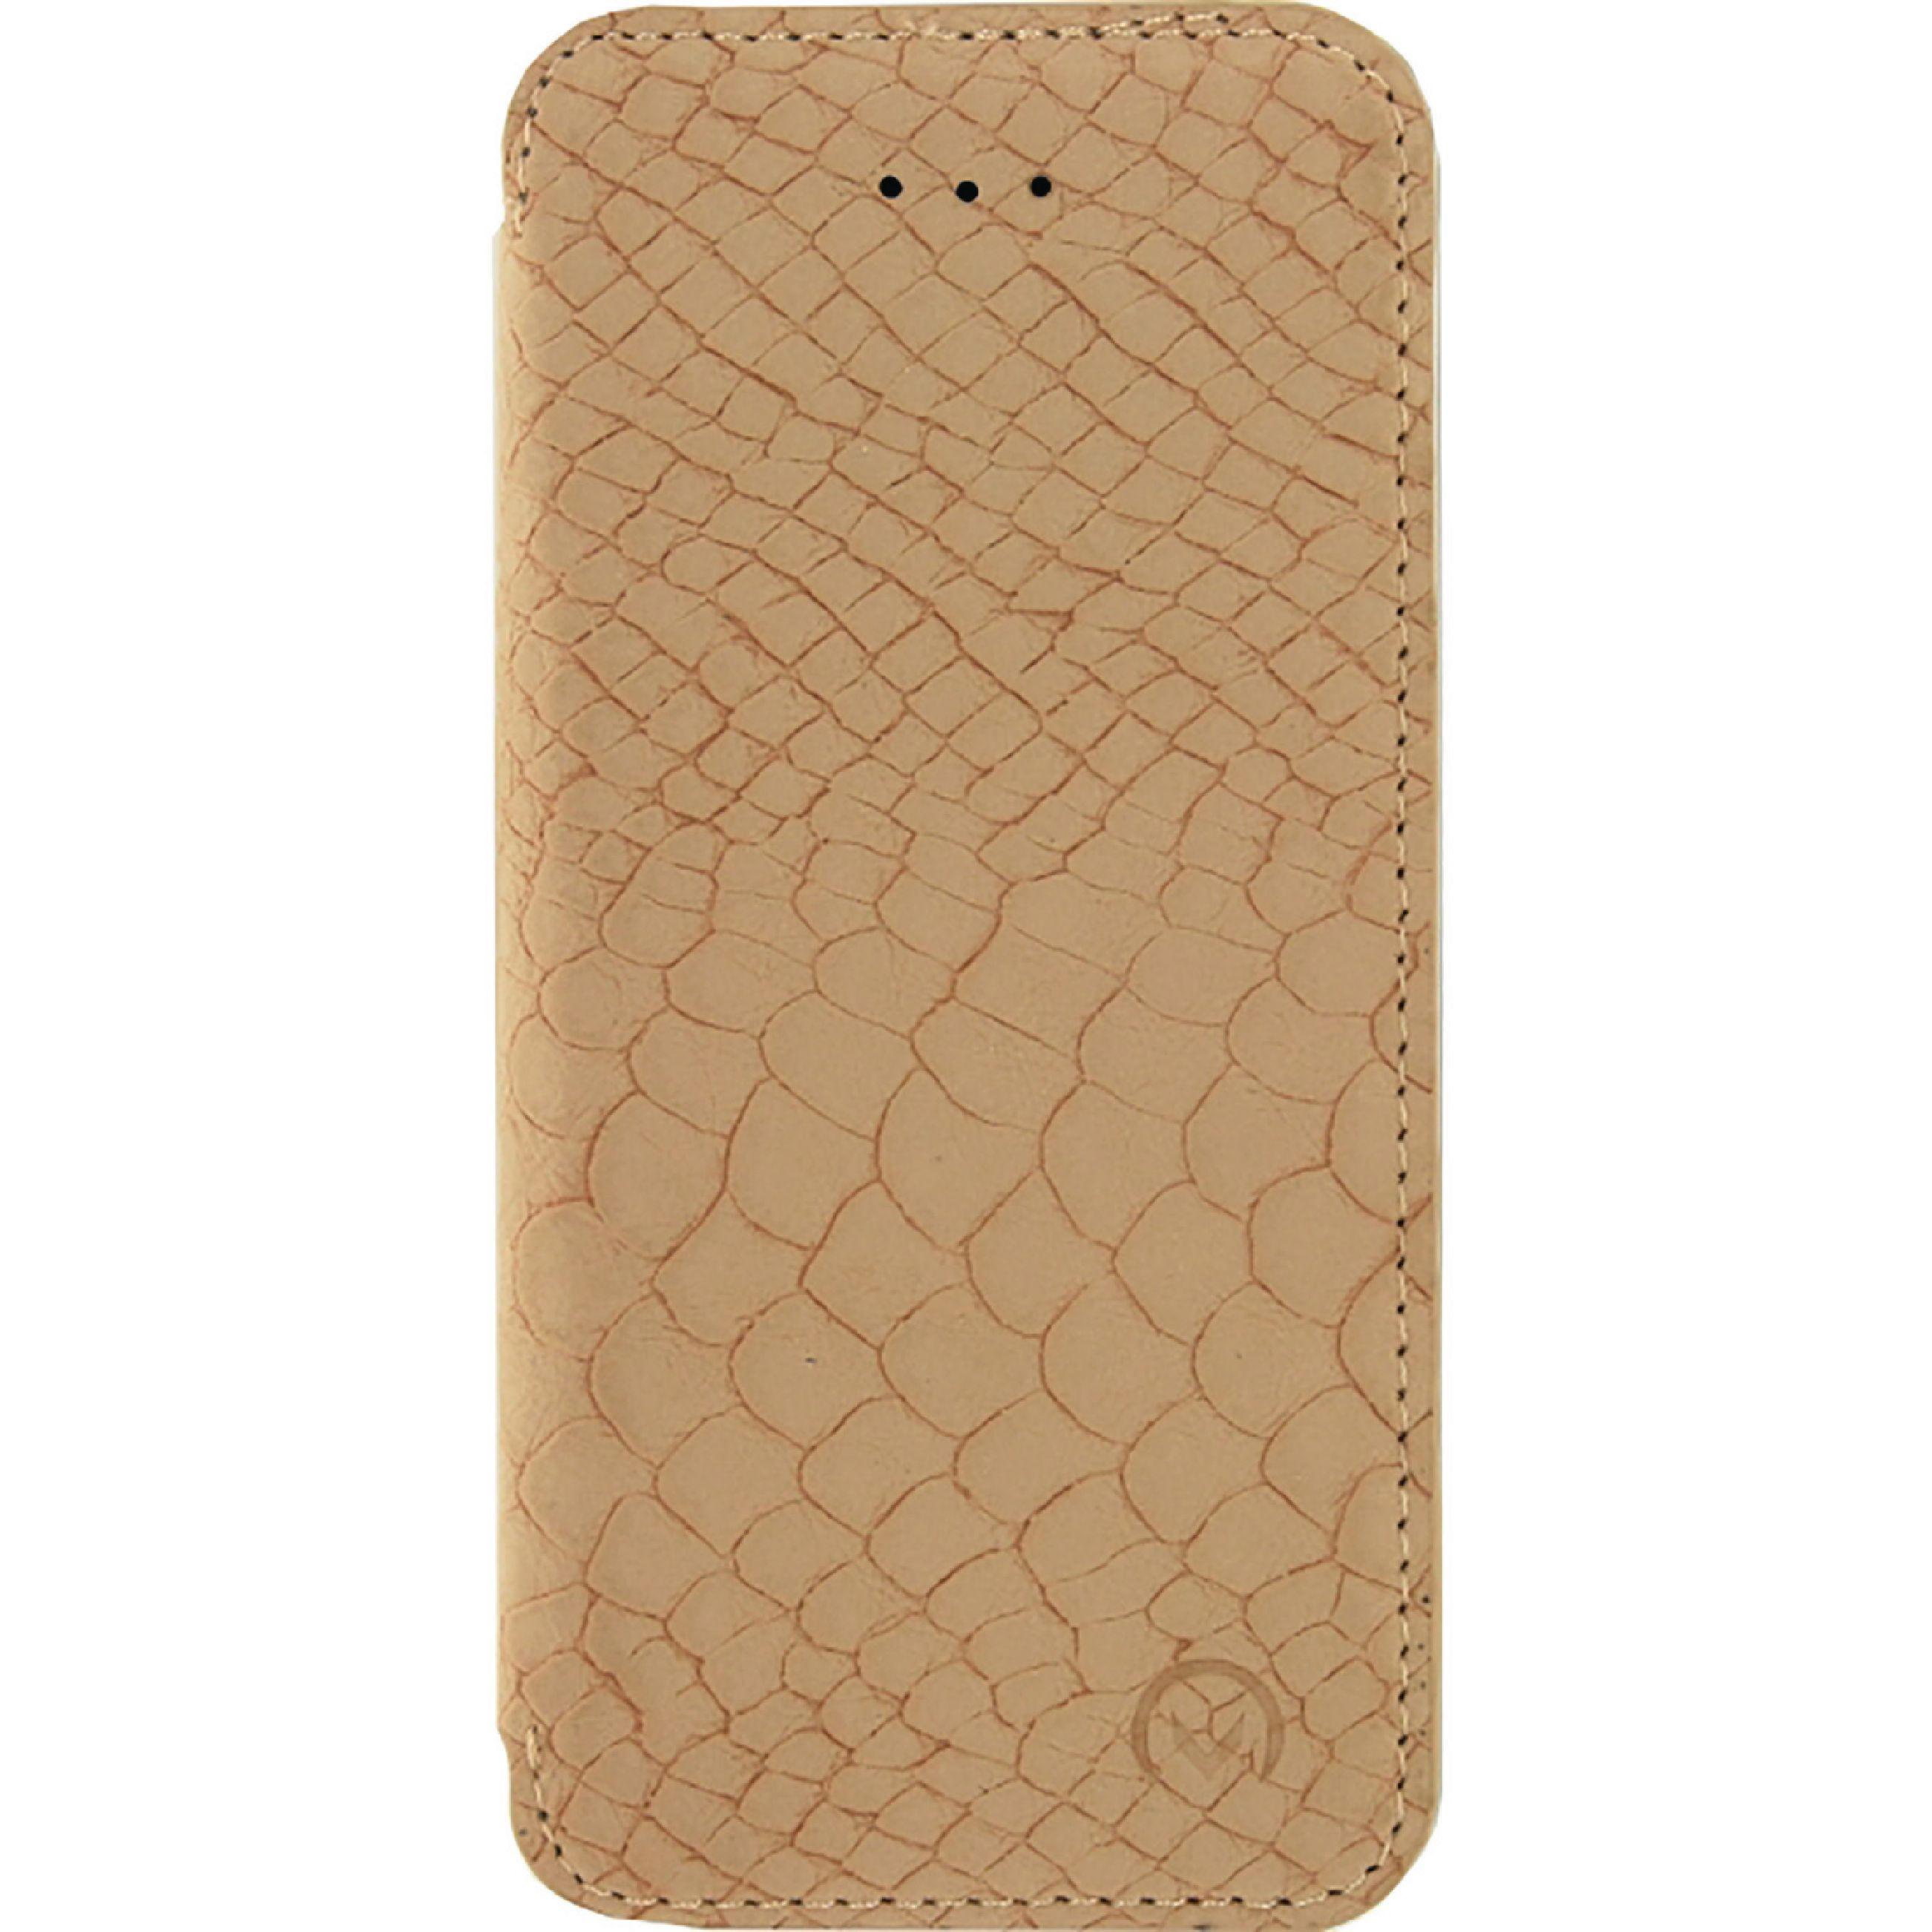 Image of   Telefon Slankt og Blødt Booklet-etui Apple iPhone 5 / 5s / SE Pink